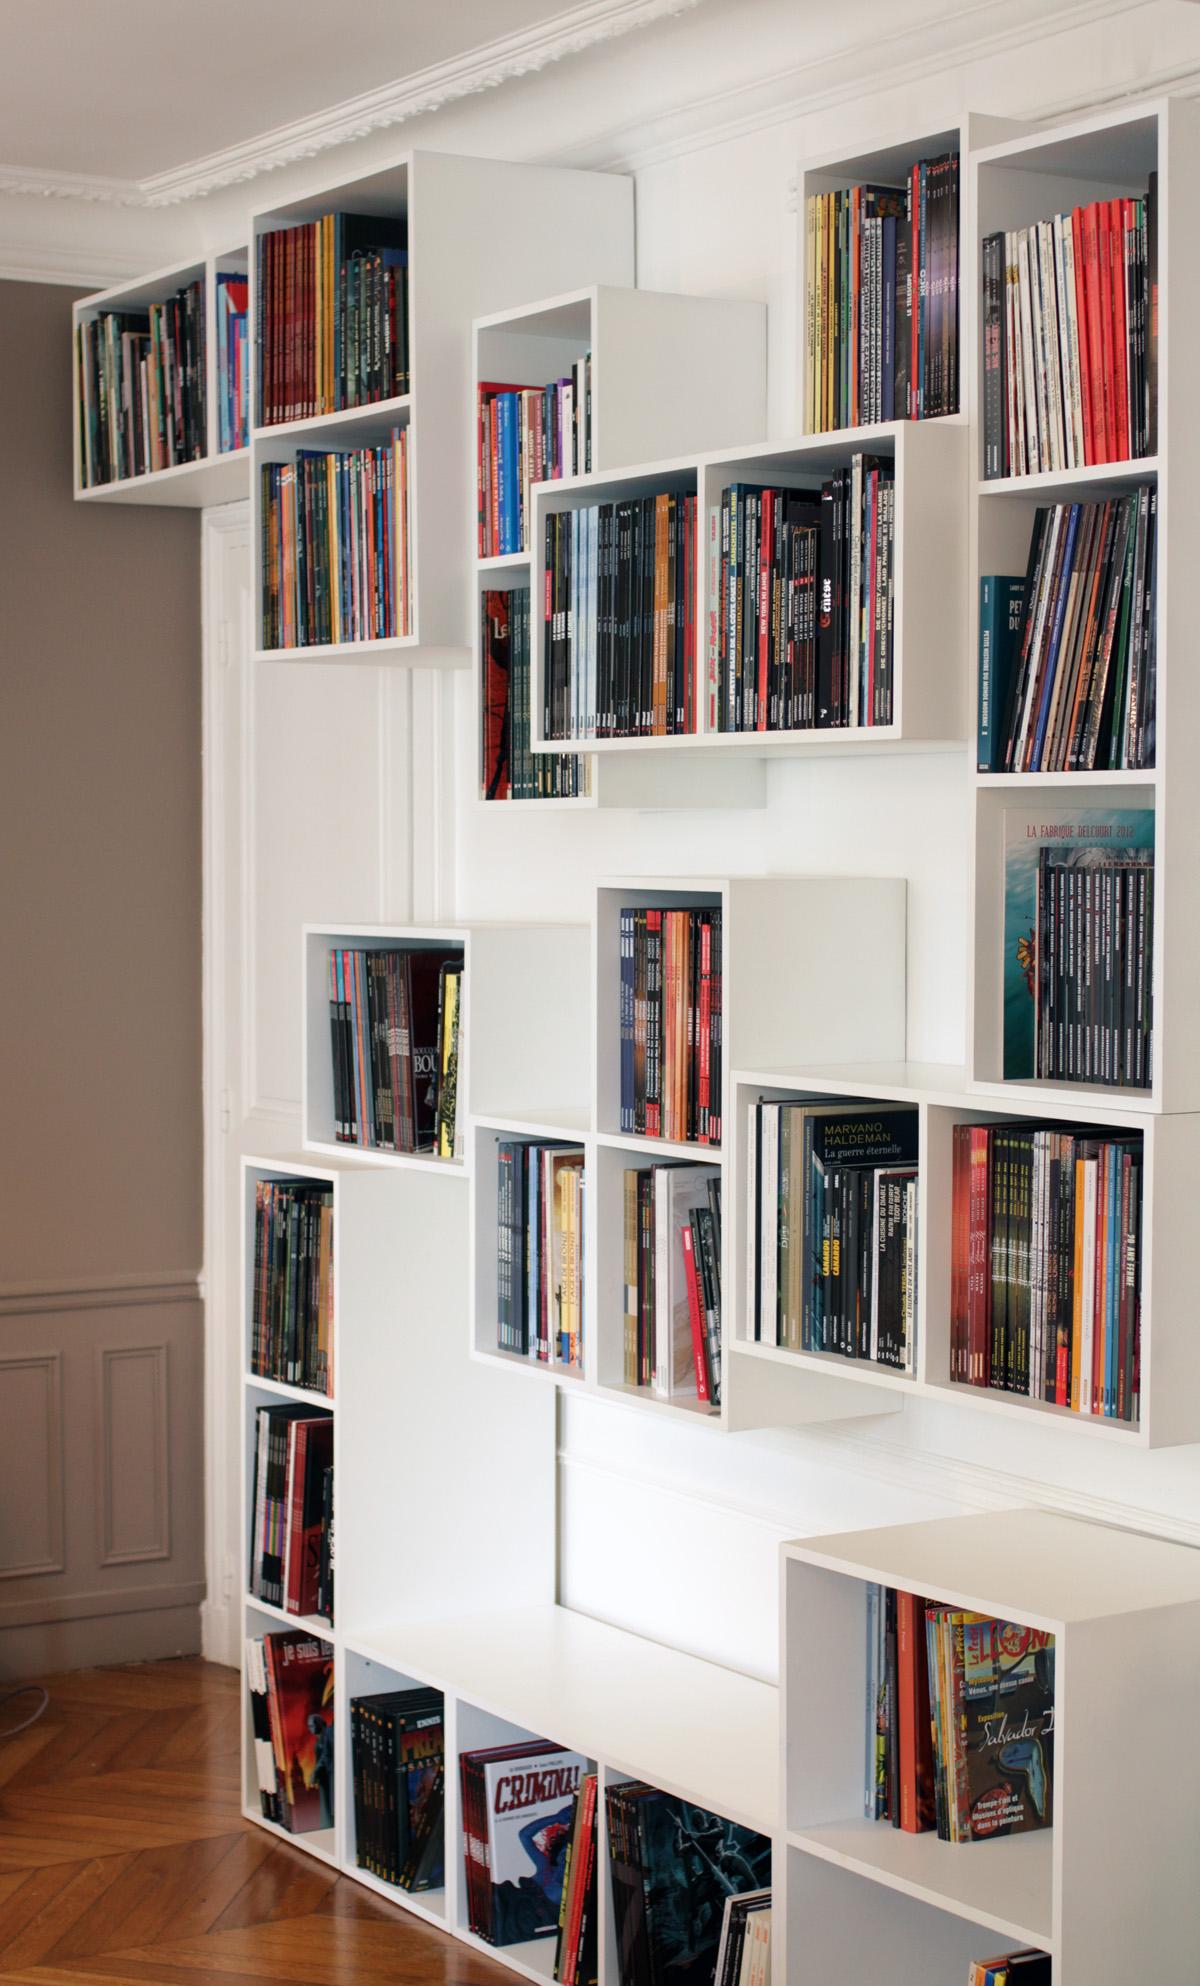 Malo2 bibliothèque Mobilier BD cubes blanc Bandes dessinées design sur-mesure Agence MAJOTIK